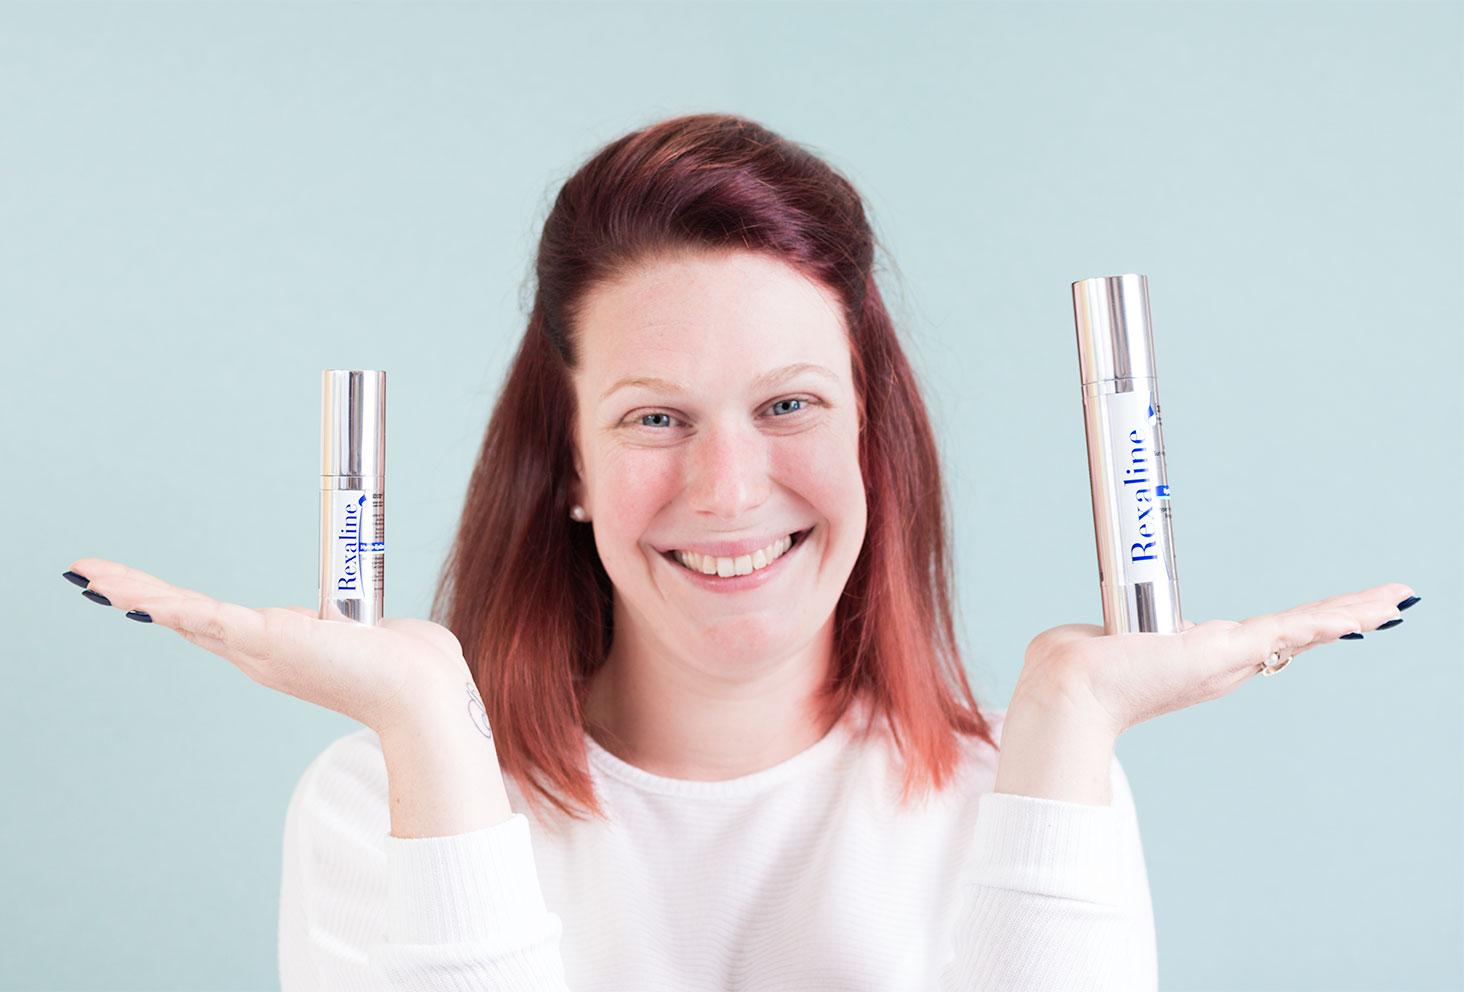 Présentation des produits visage de la marque Rexaline